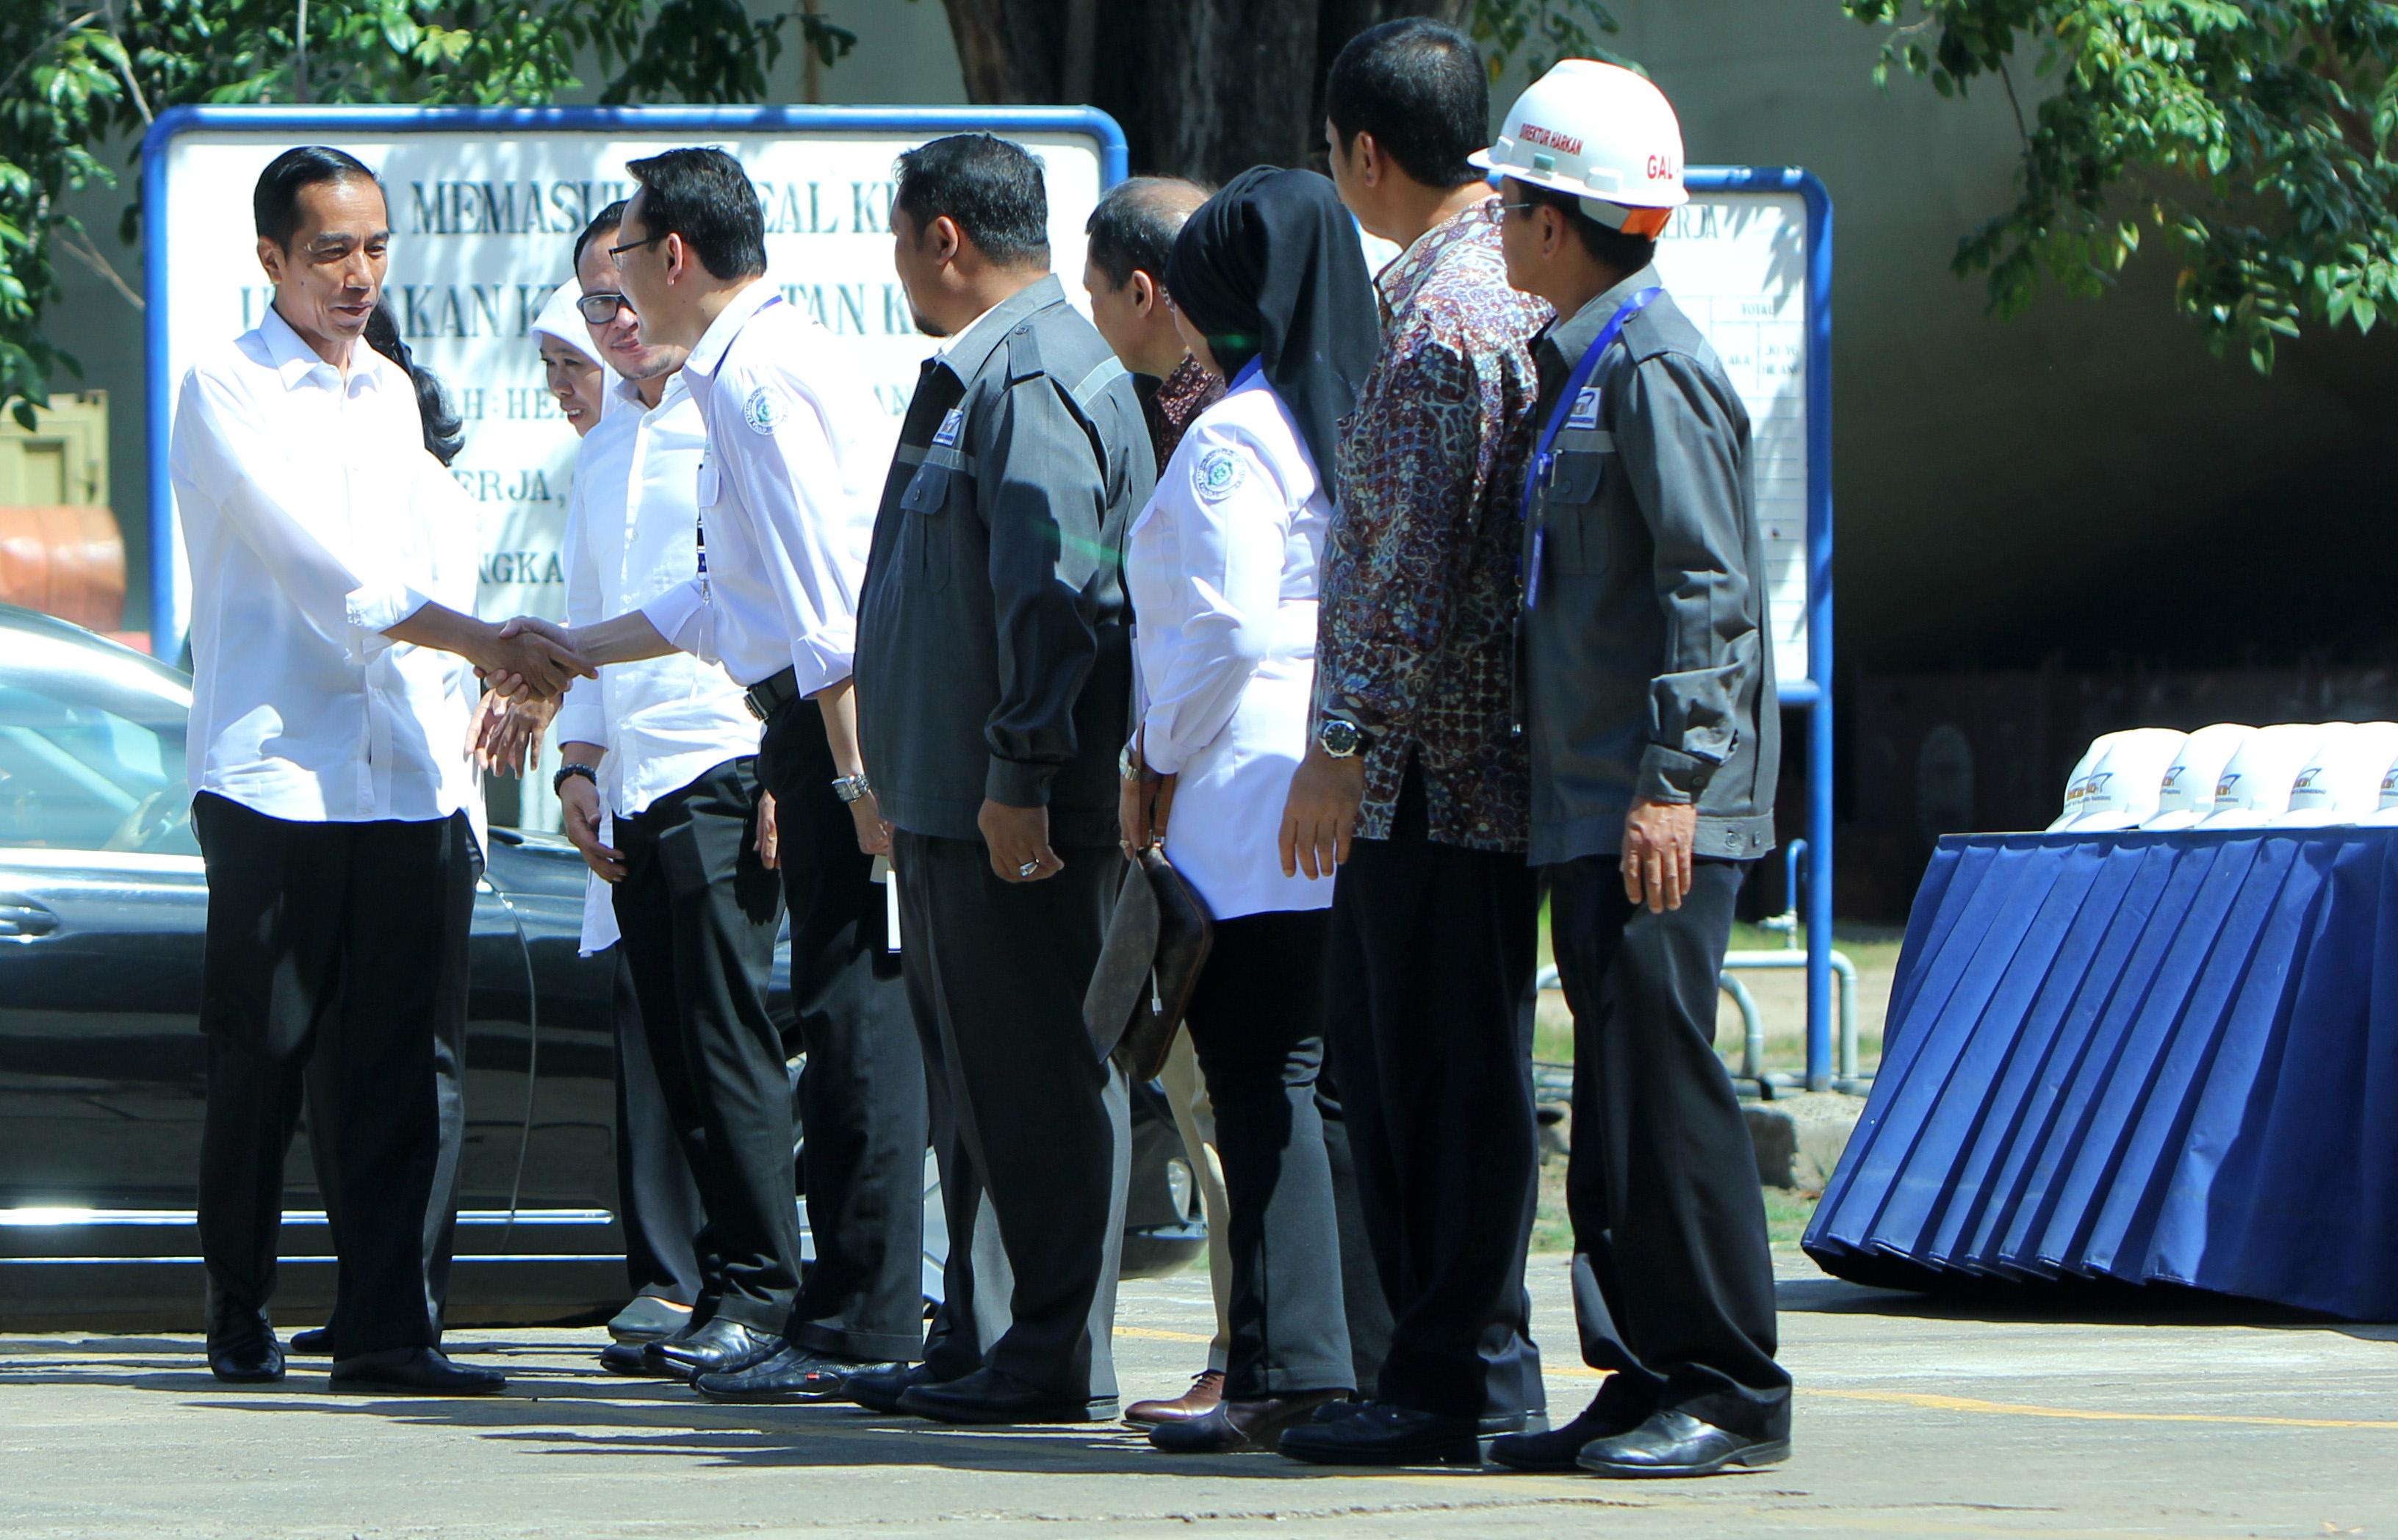 Presiden Jokowi disambut Dirut BPJS Kesehatan dr Fachmi Idris saat Penyerahan Kartu Indonesia Sehat kepada pekerja dan buruh 28 April 2015